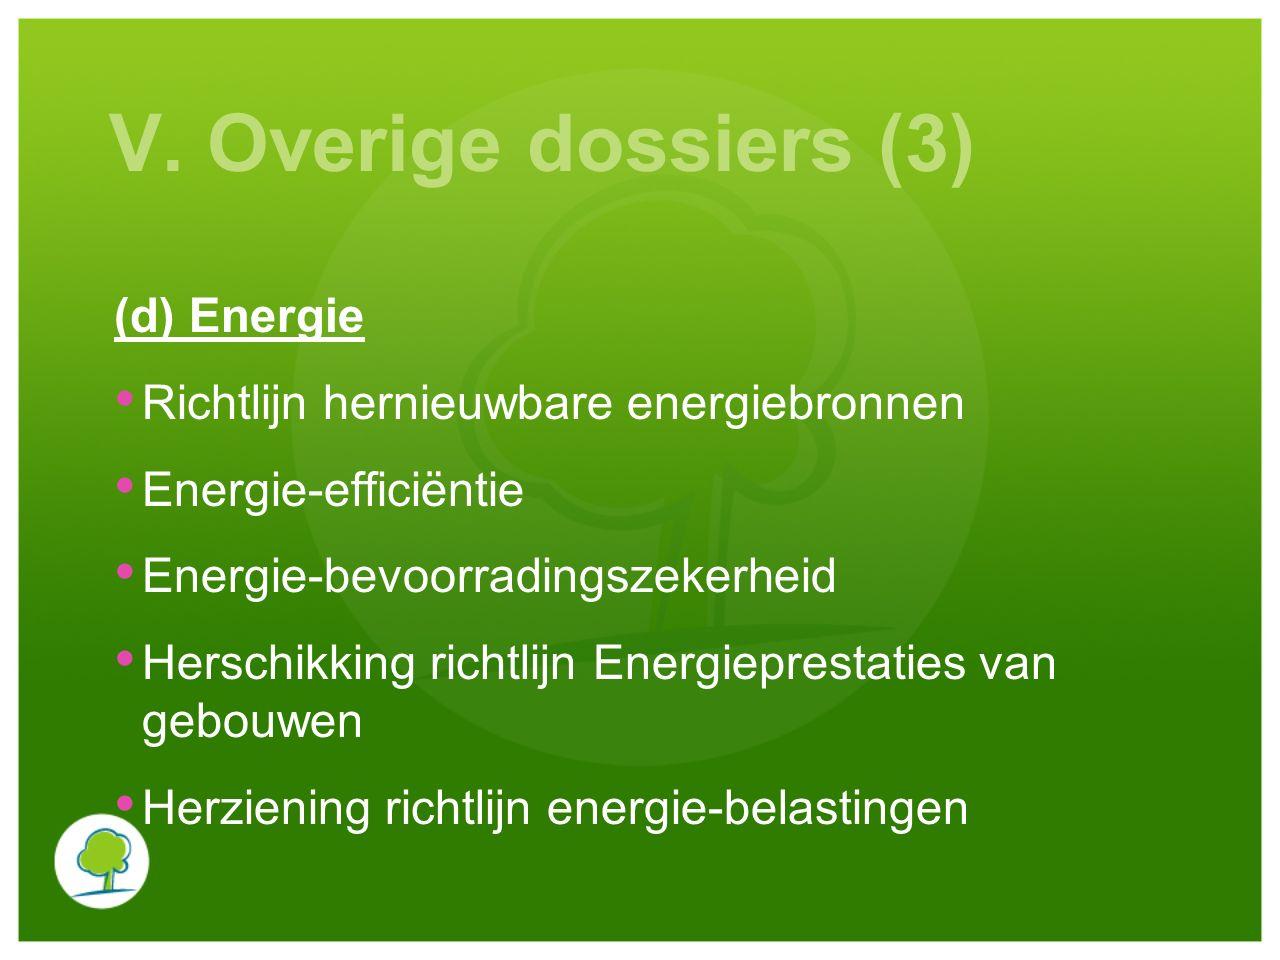 V. Overige dossiers (3) (d) Energie Richtlijn hernieuwbare energiebronnen Energie-efficiëntie Energie-bevoorradingszekerheid Herschikking richtlijn En